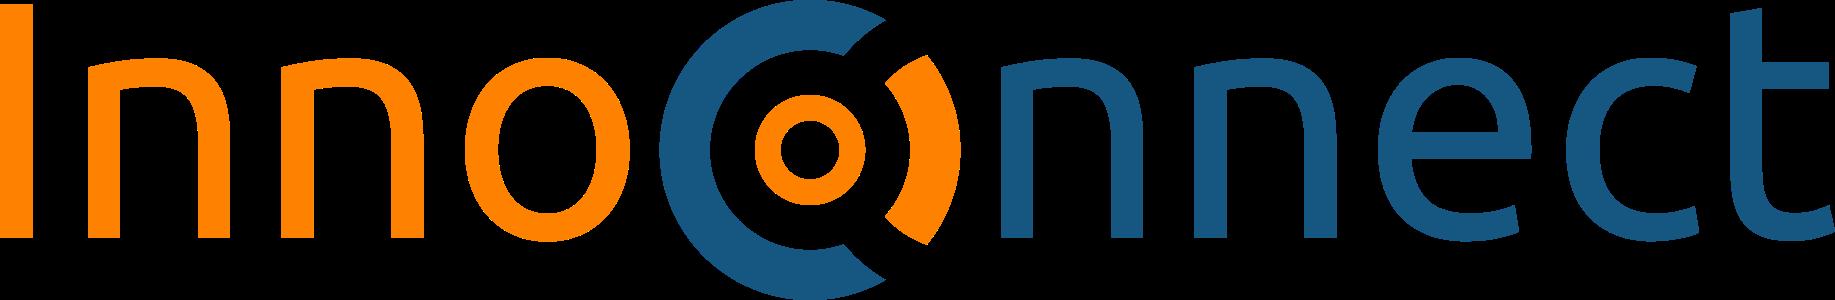 InnoConnect